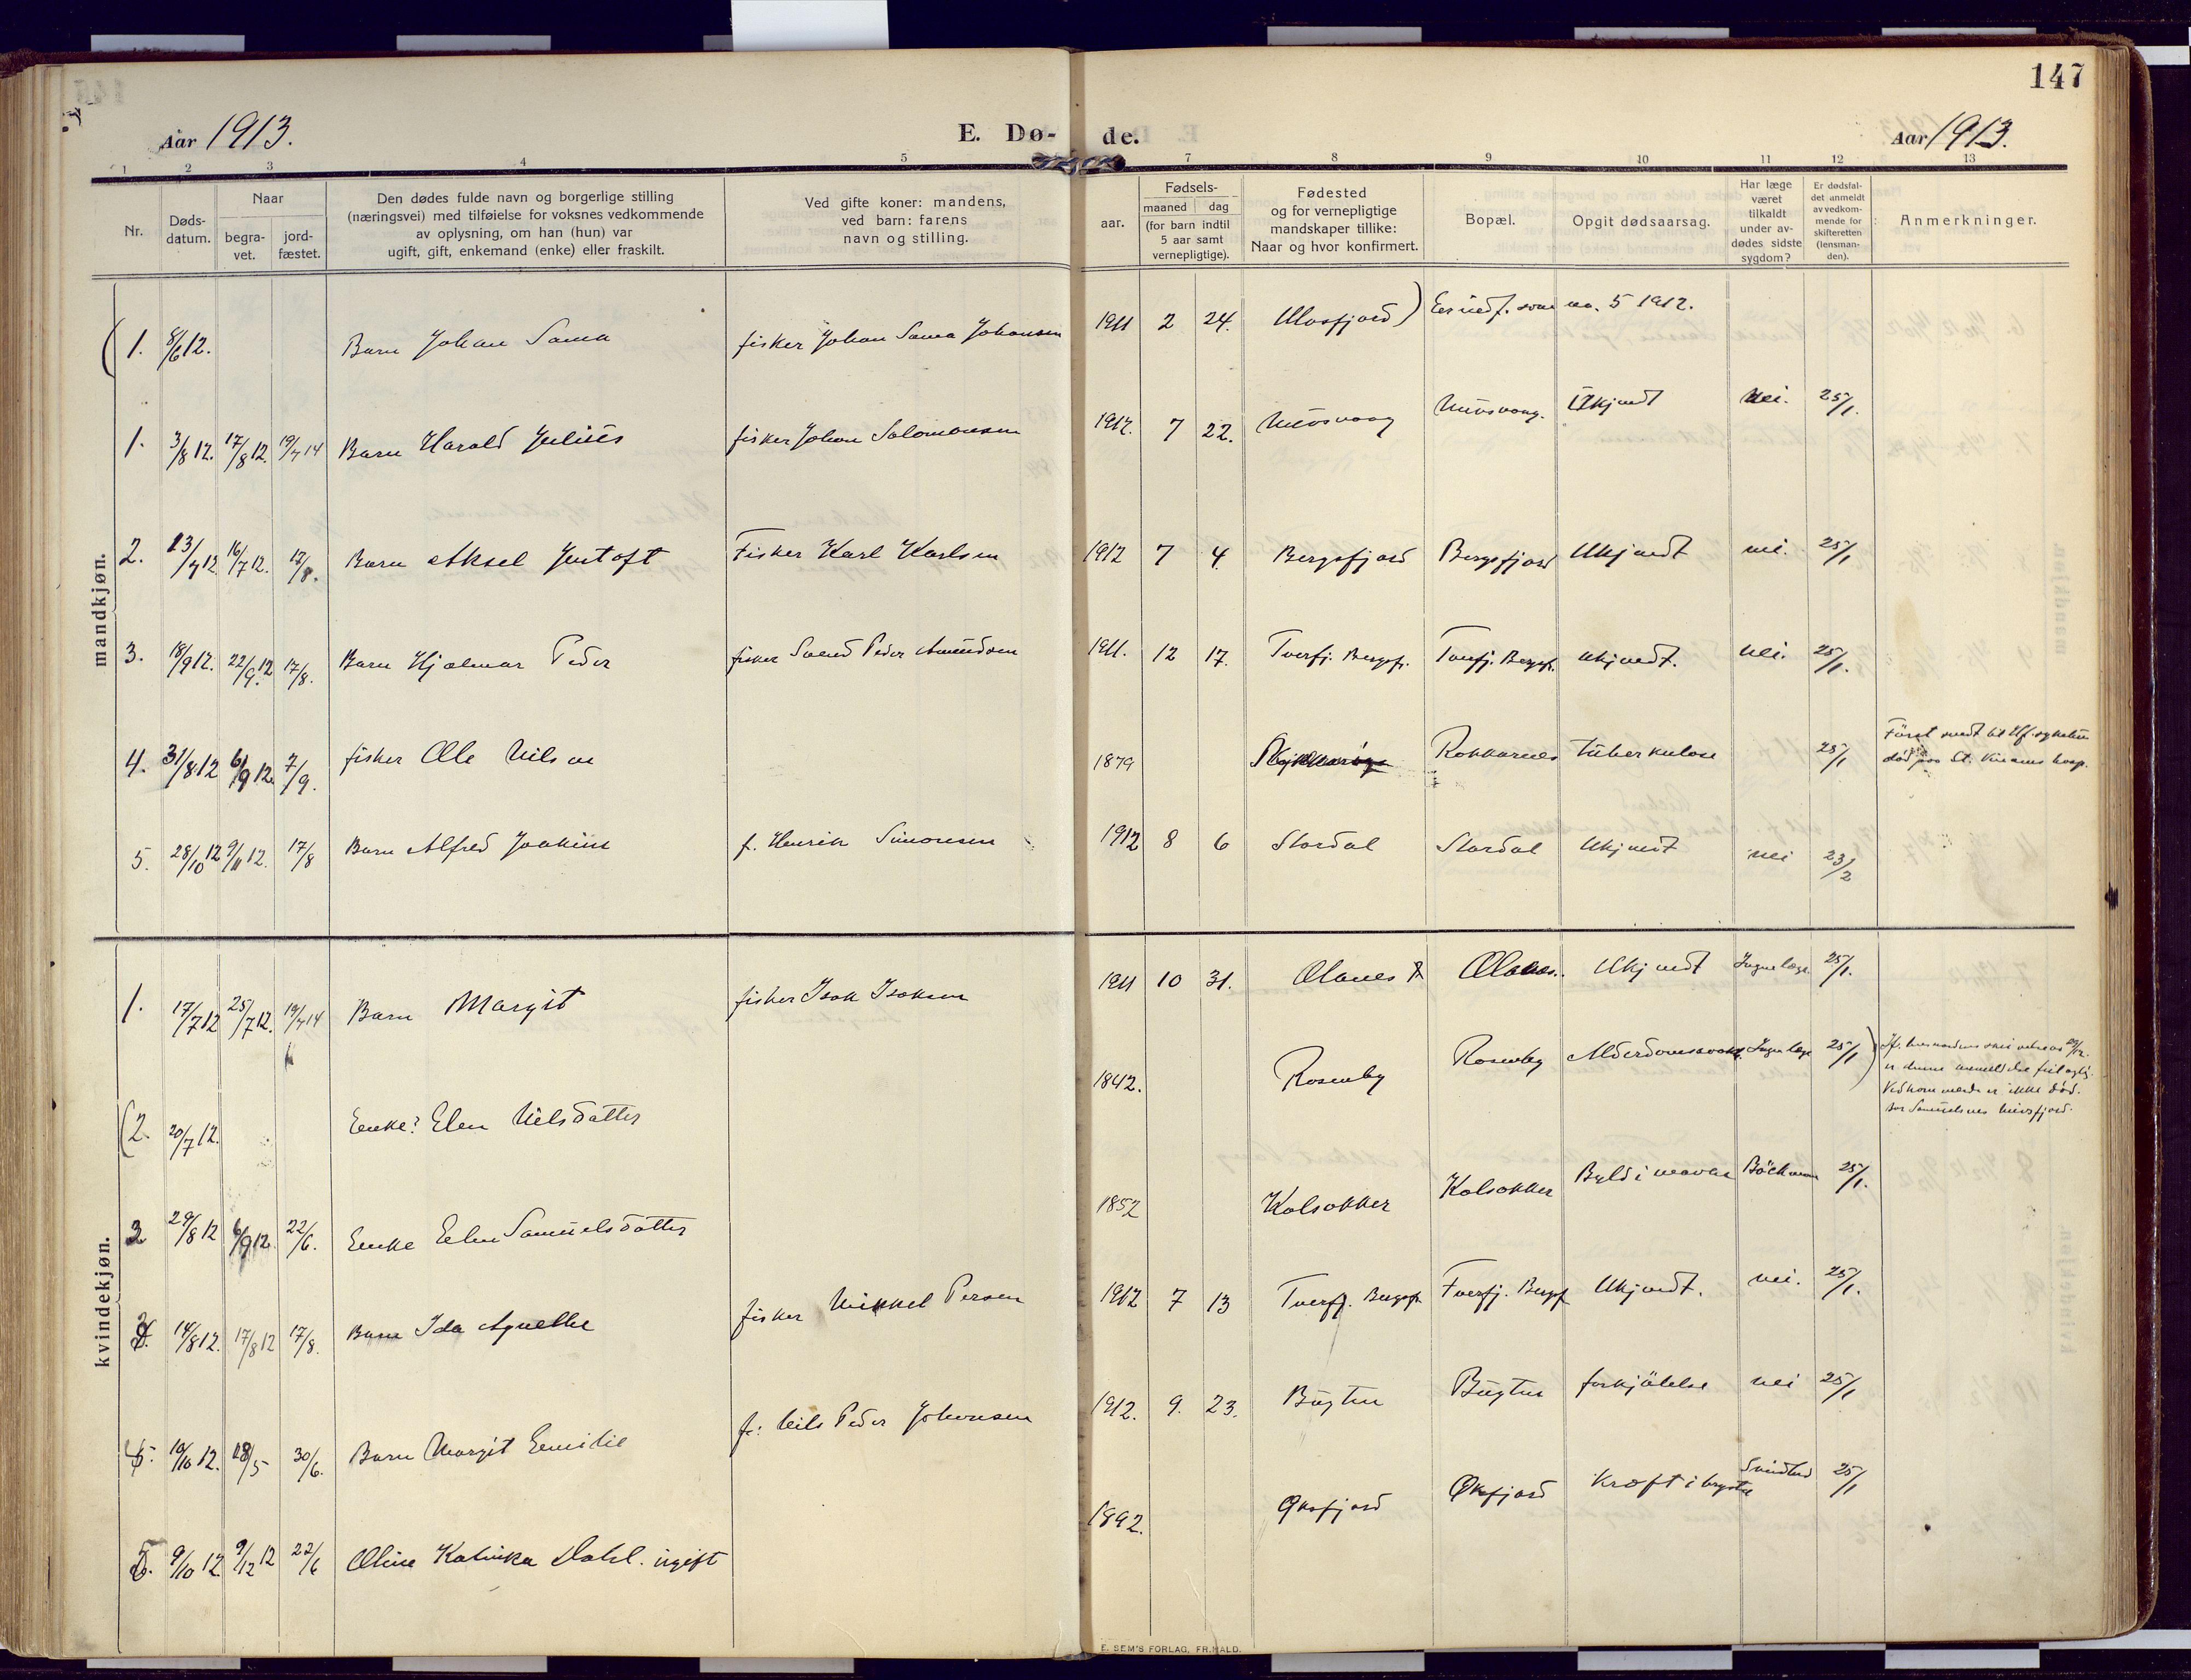 SATØ, Loppa sokneprestkontor, H/Ha/L0011kirke: Ministerialbok nr. 11, 1909-1919, s. 147